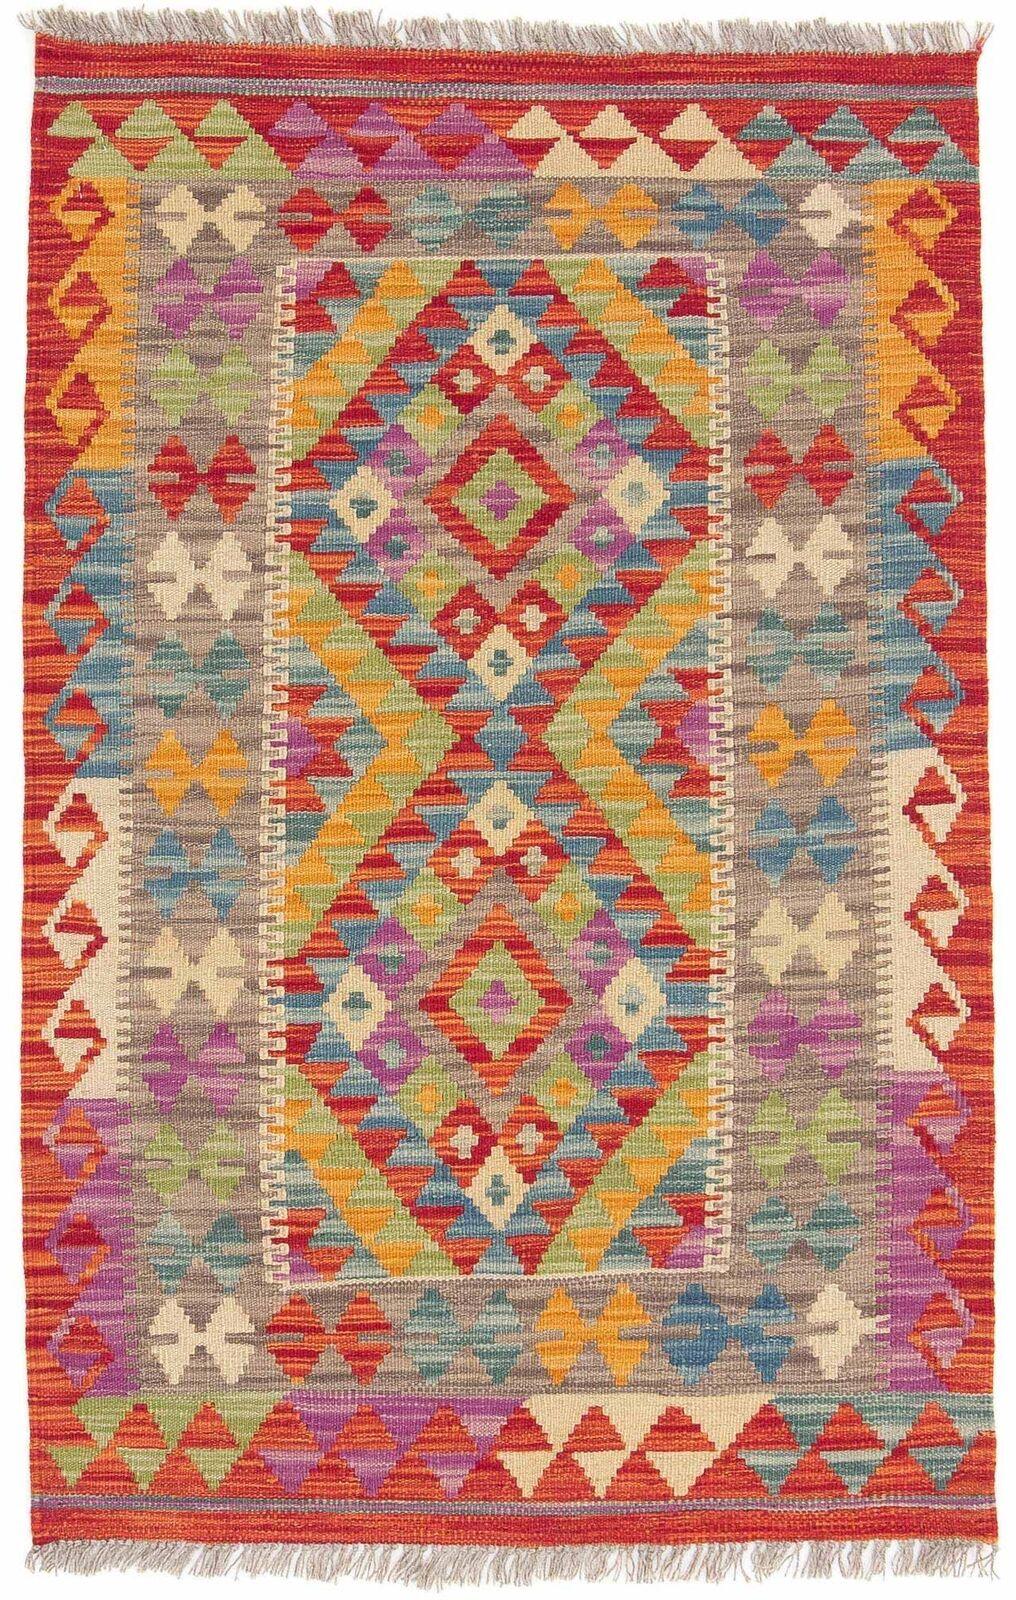 Carpetfine  Tapis  Kilim Afghan - 80x125 cm MultiColoreeee - Géométrique - Tissé à